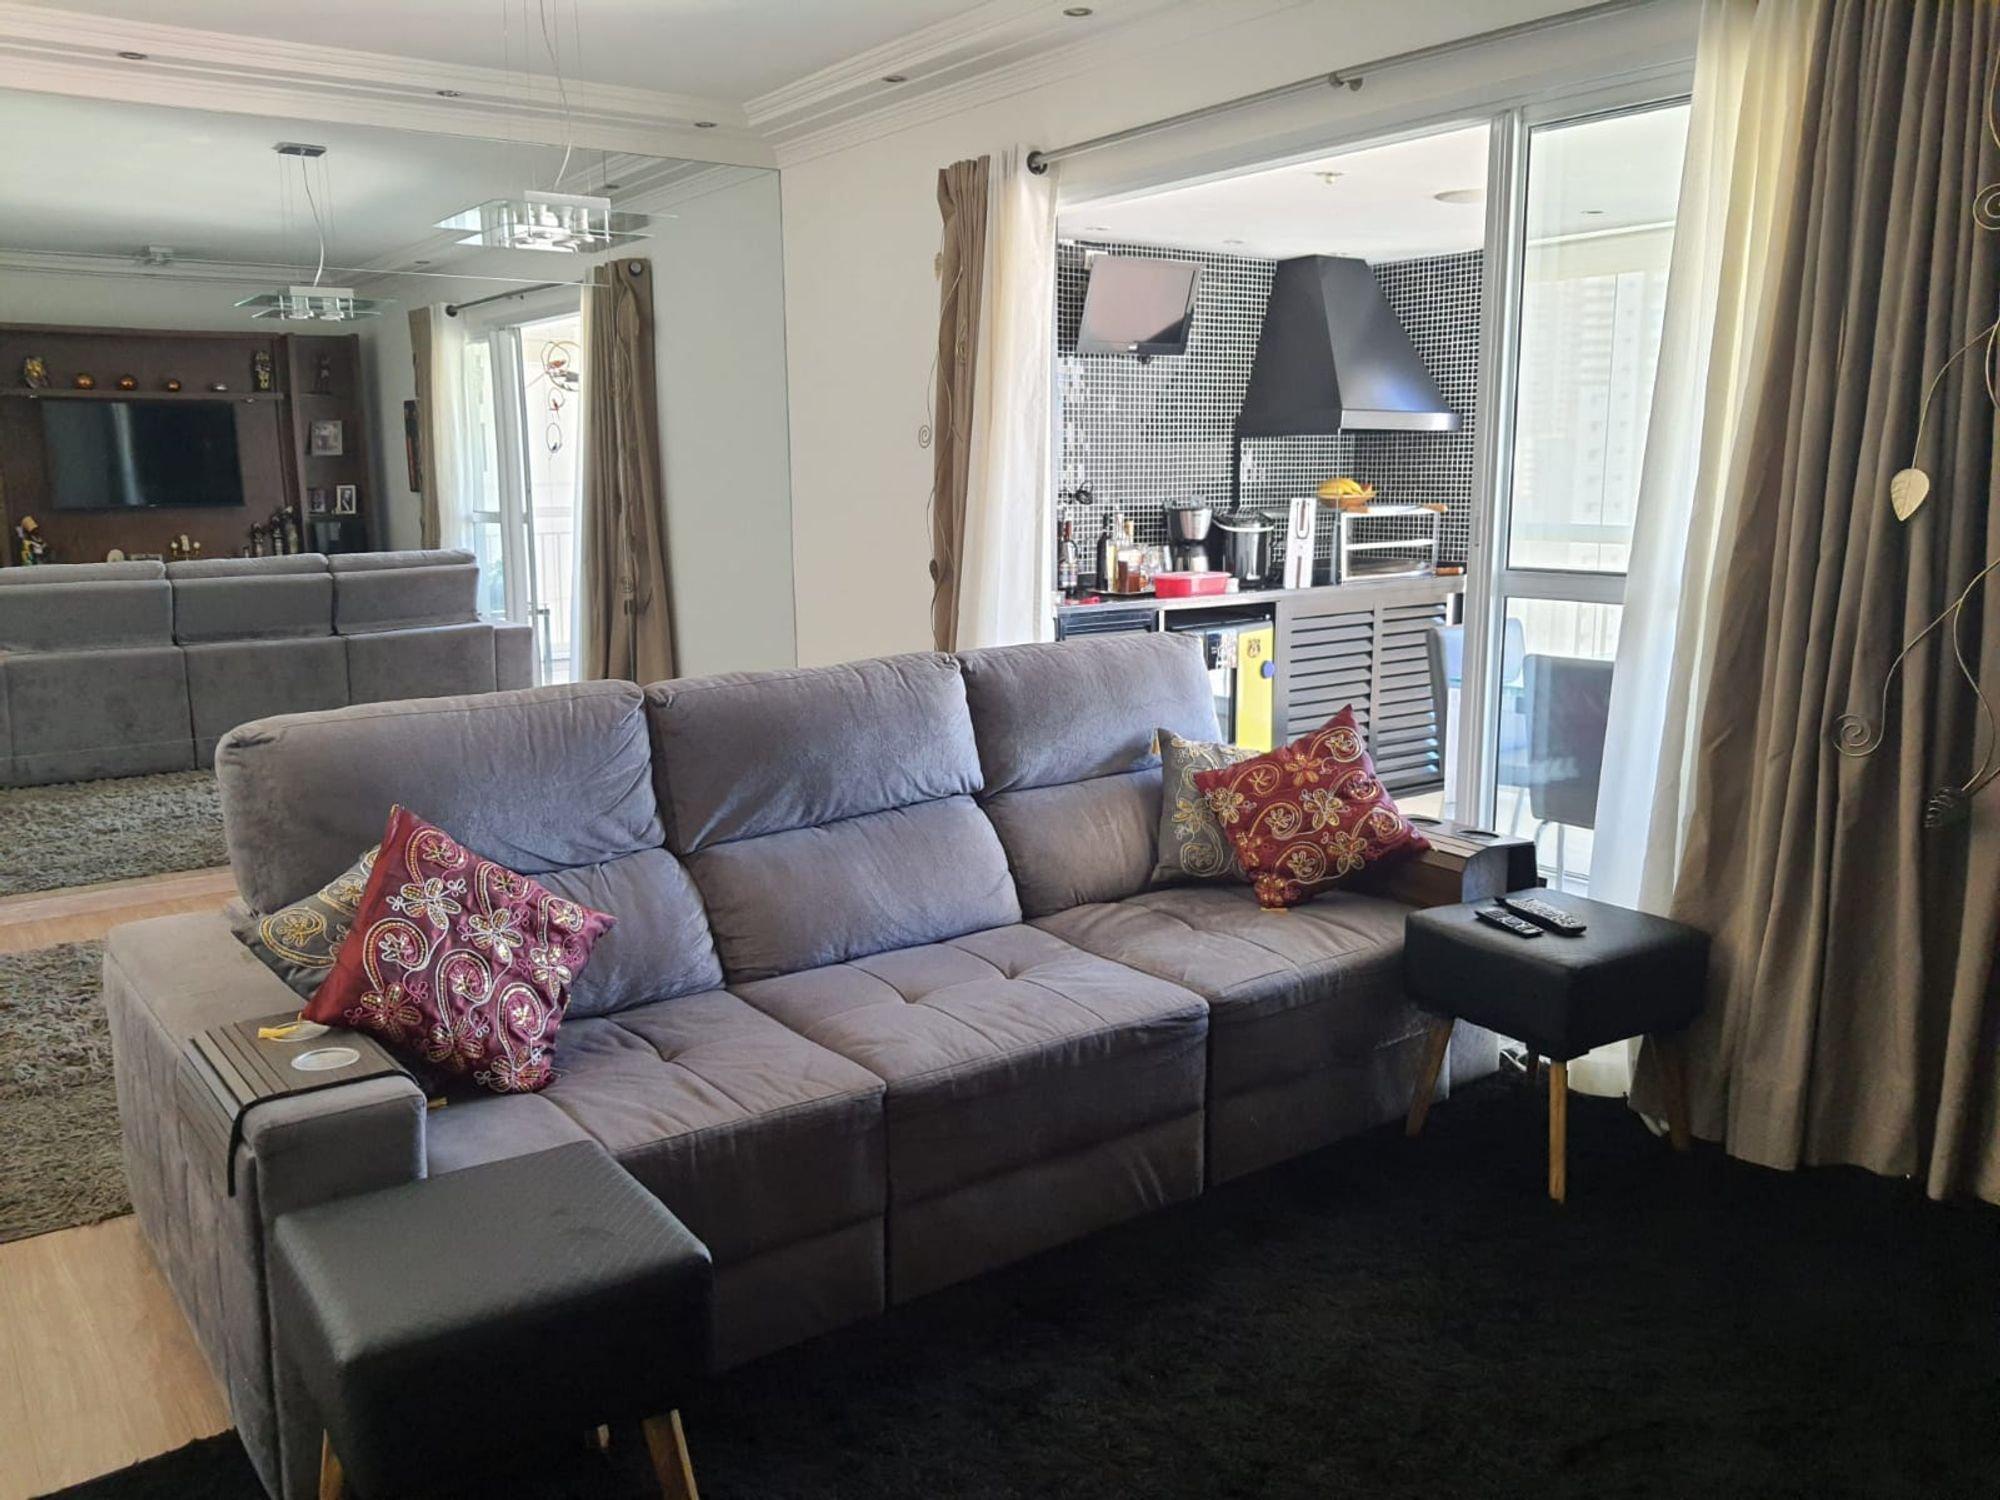 Foto de Sala com controle remoto, sofá